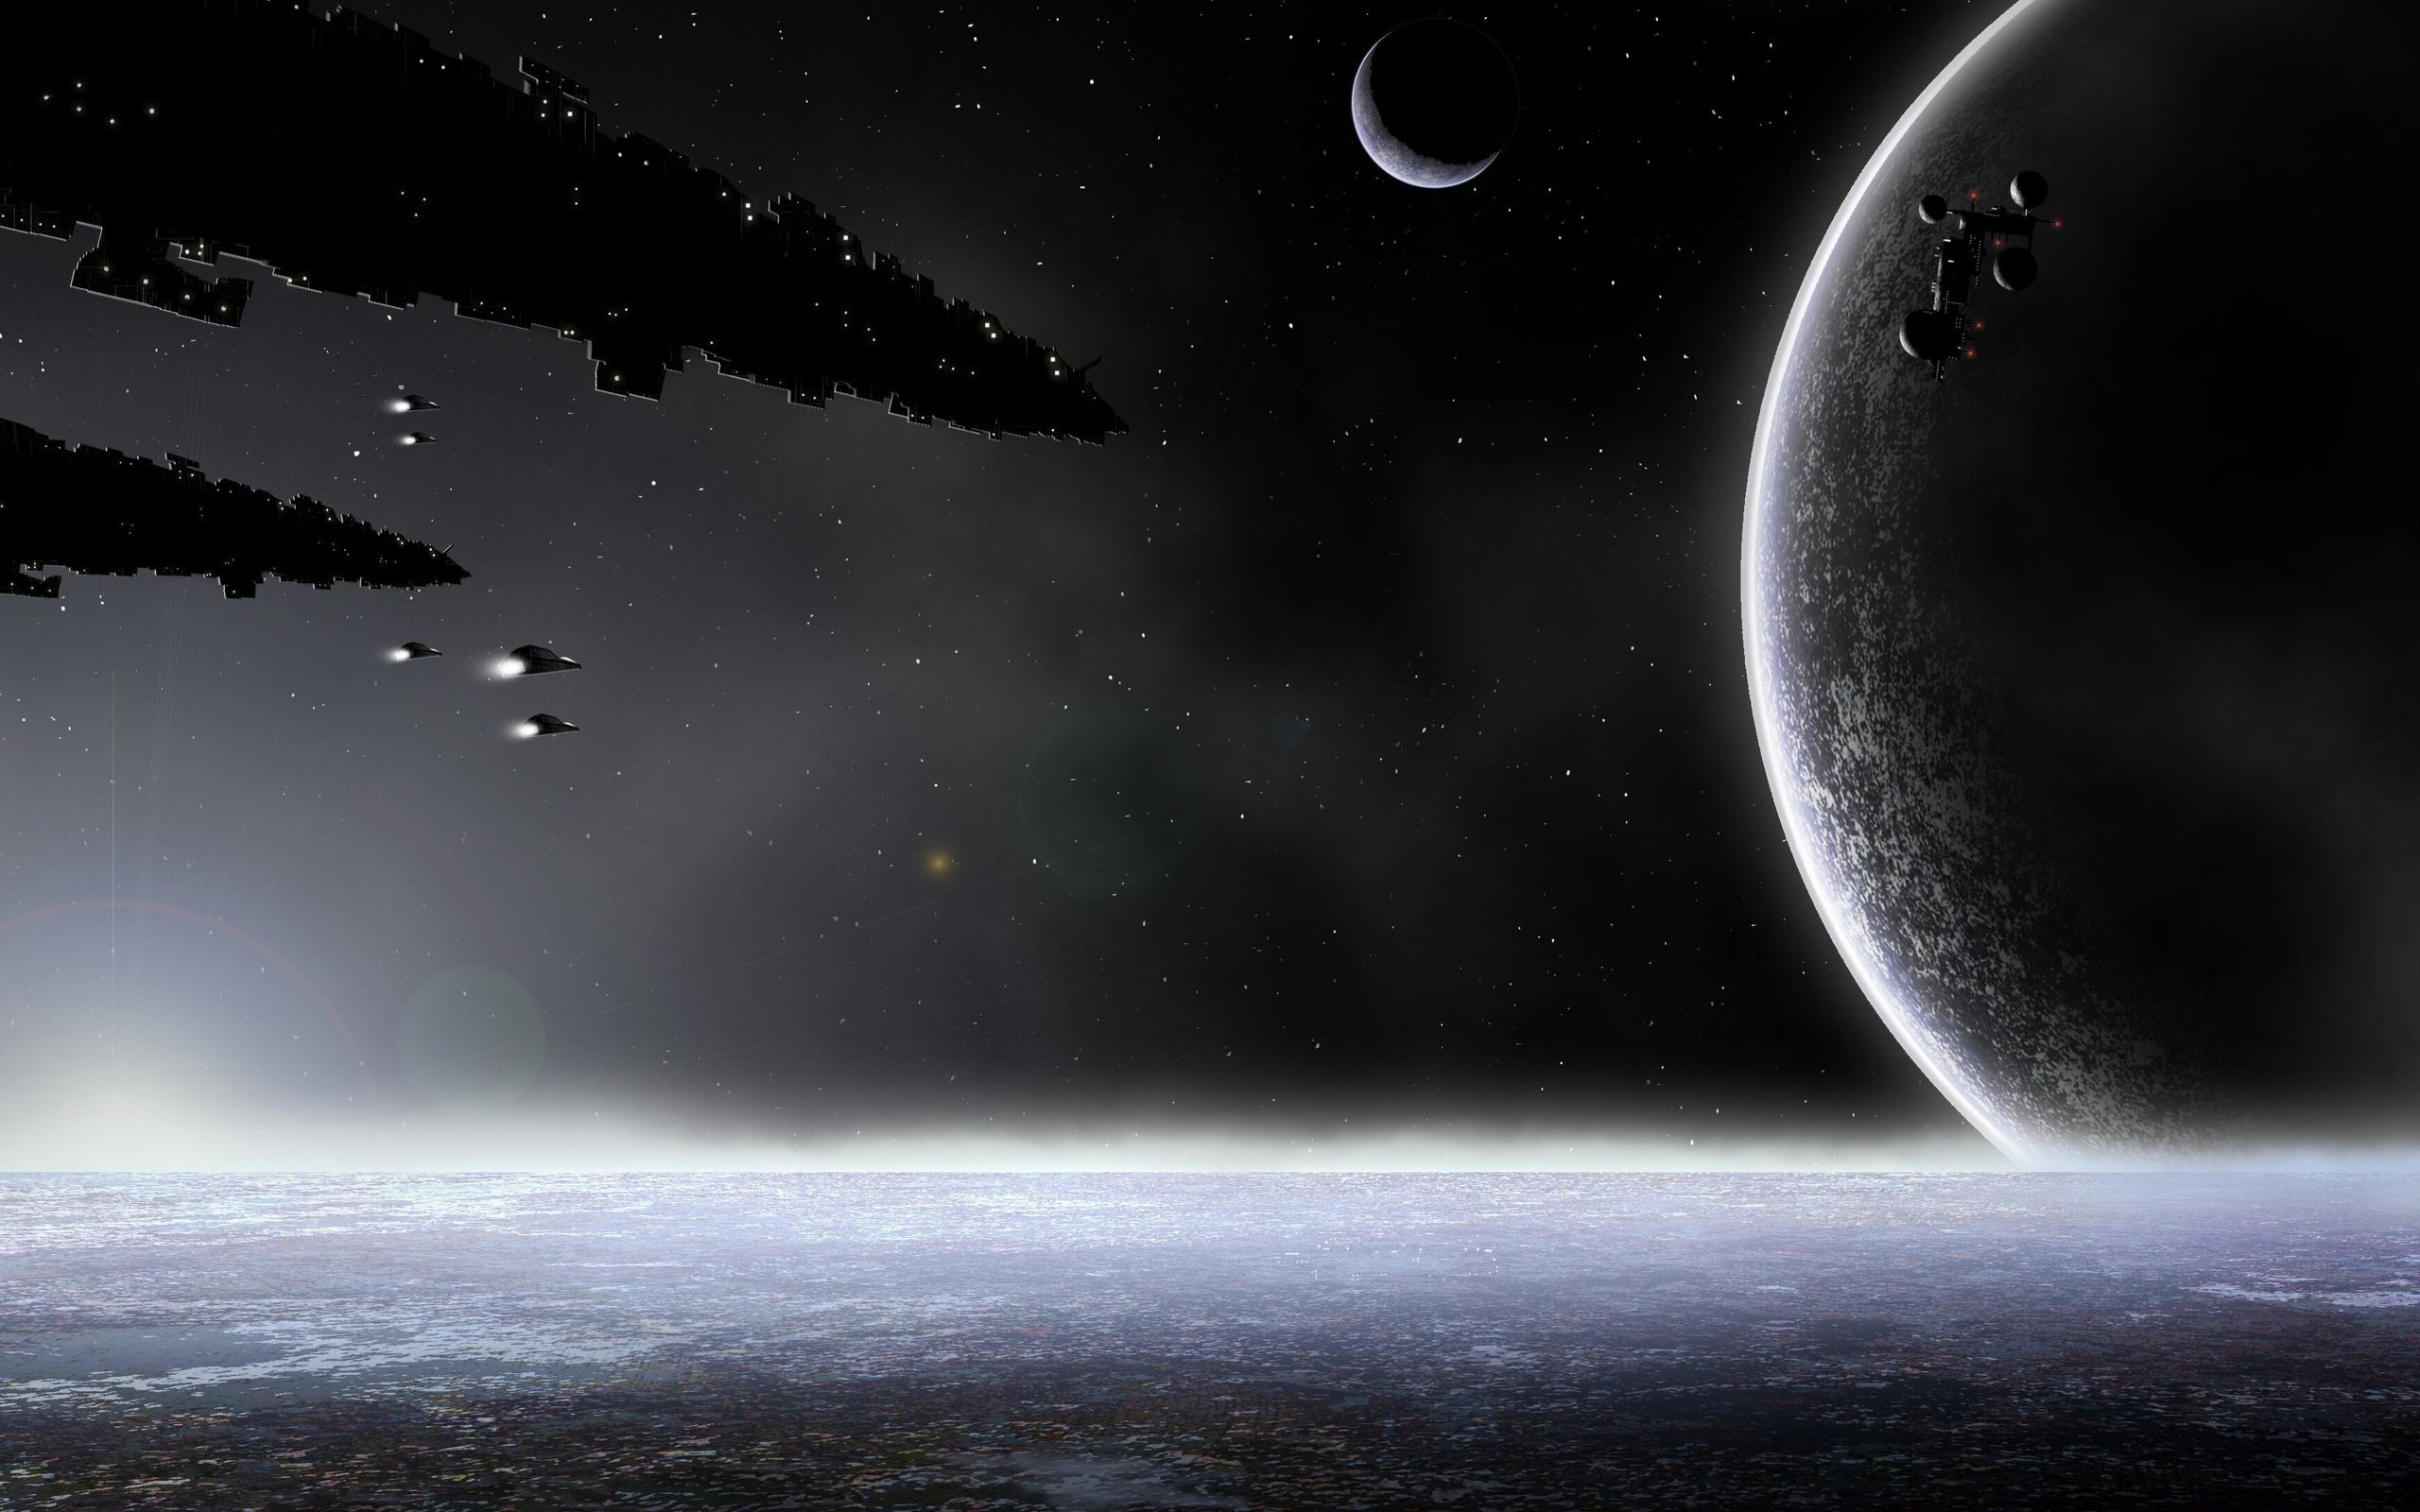 планеты, Space, космос, корабли